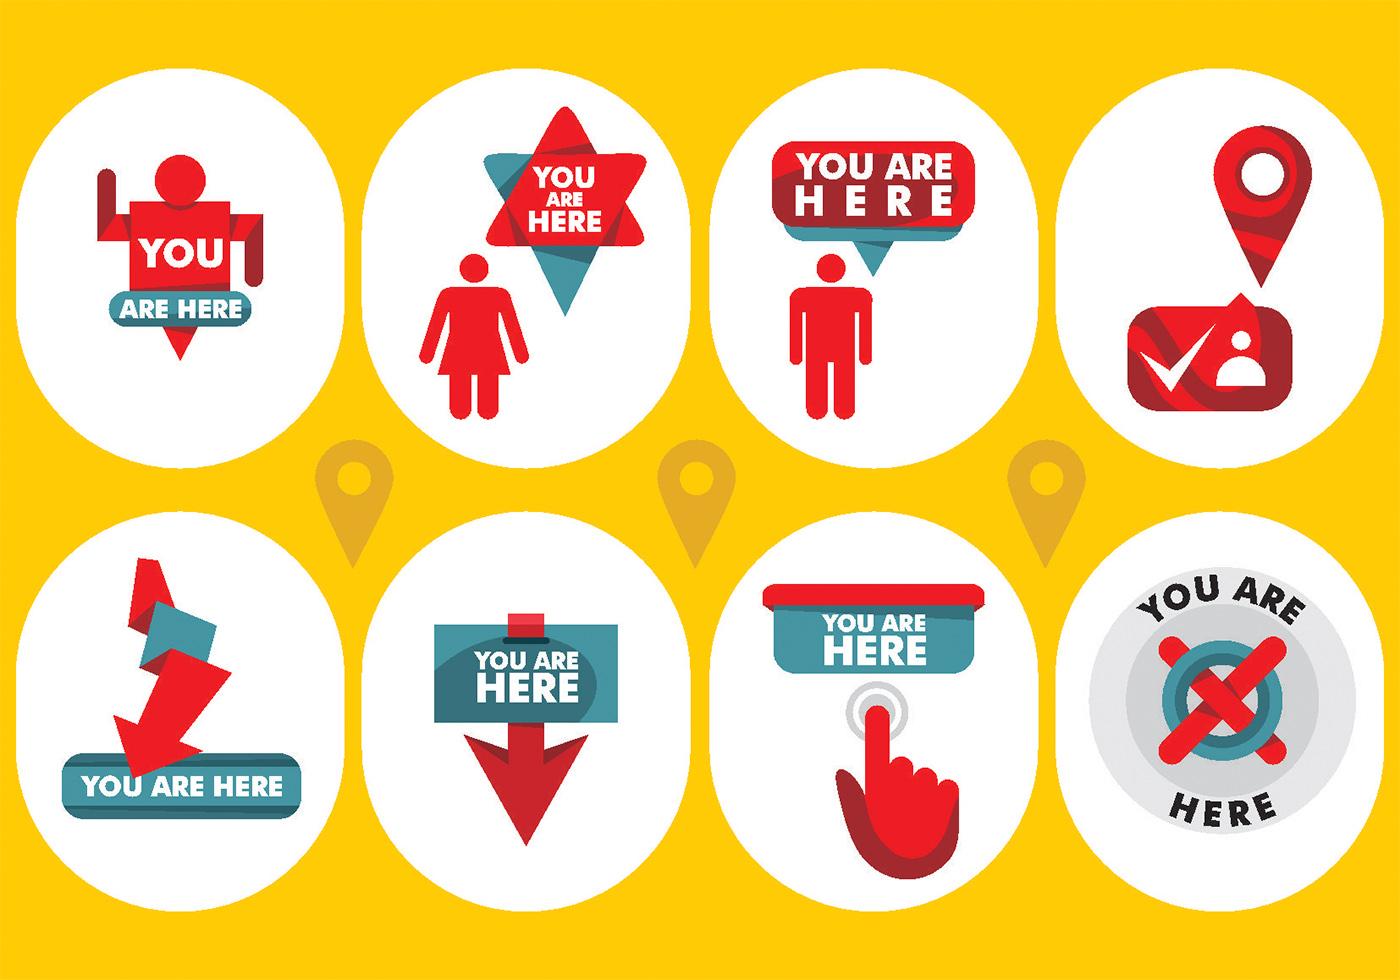 Ubicación Posición Icono Gráficos Vectoriales Gratis: Usted Está Aquí Vector Icons